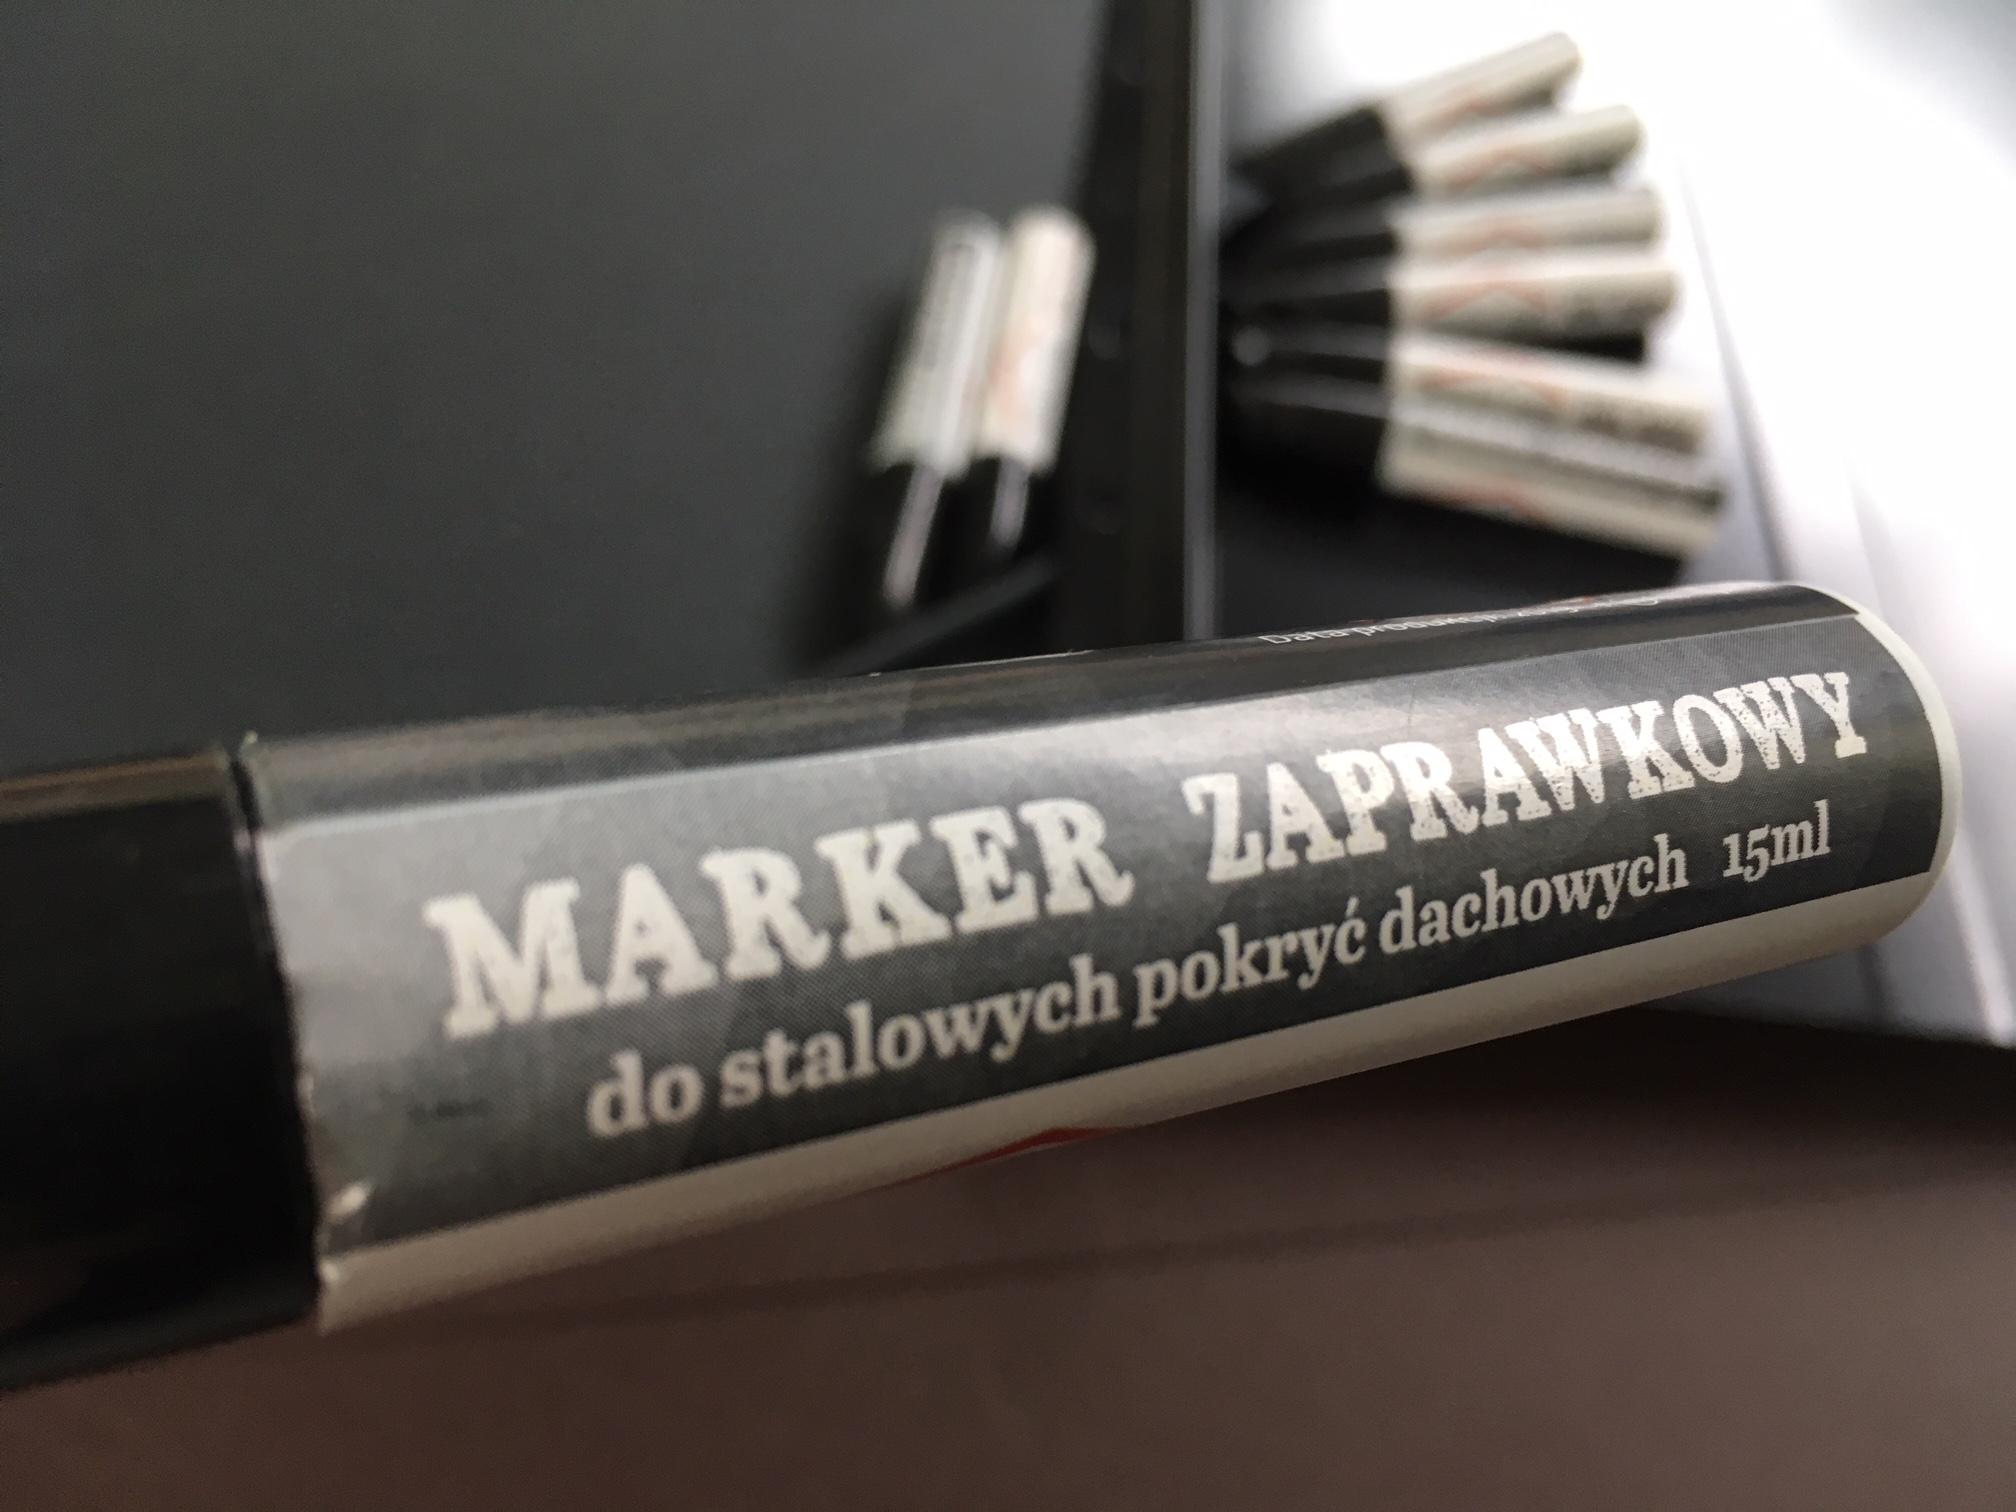 marker naprawczy